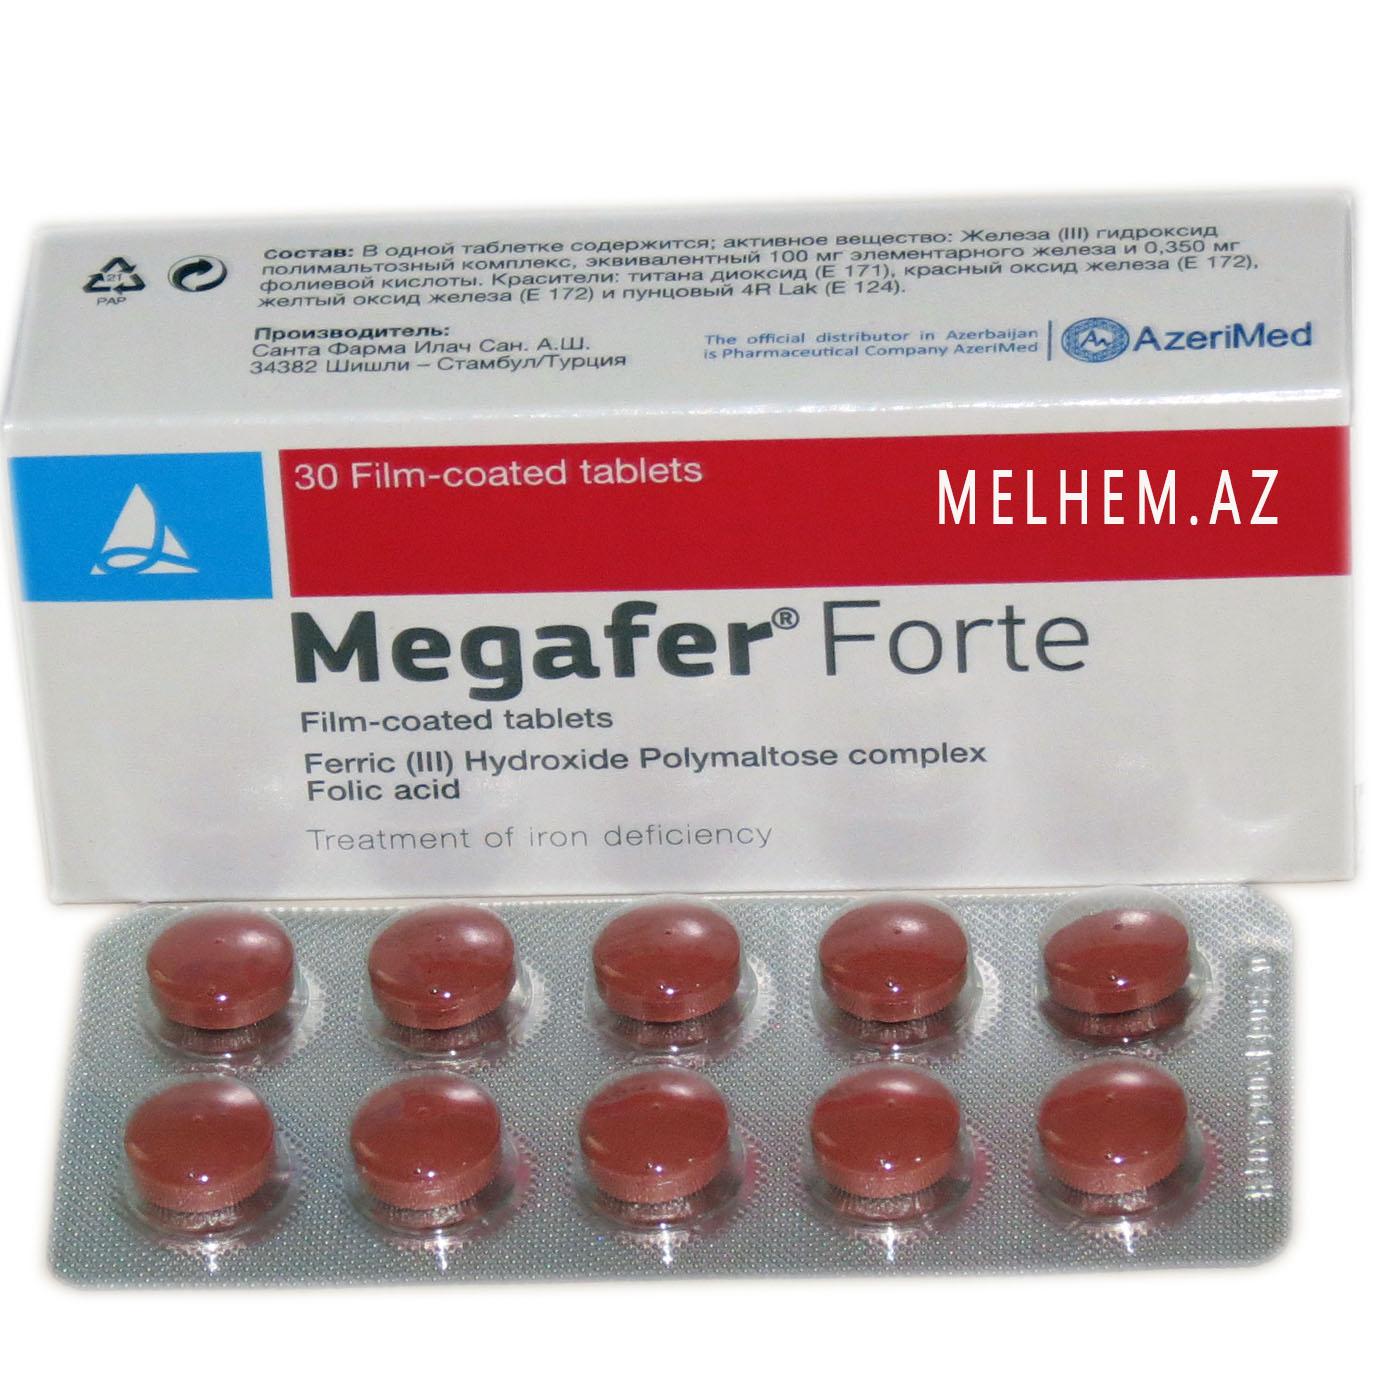 MEGAFER FORTE